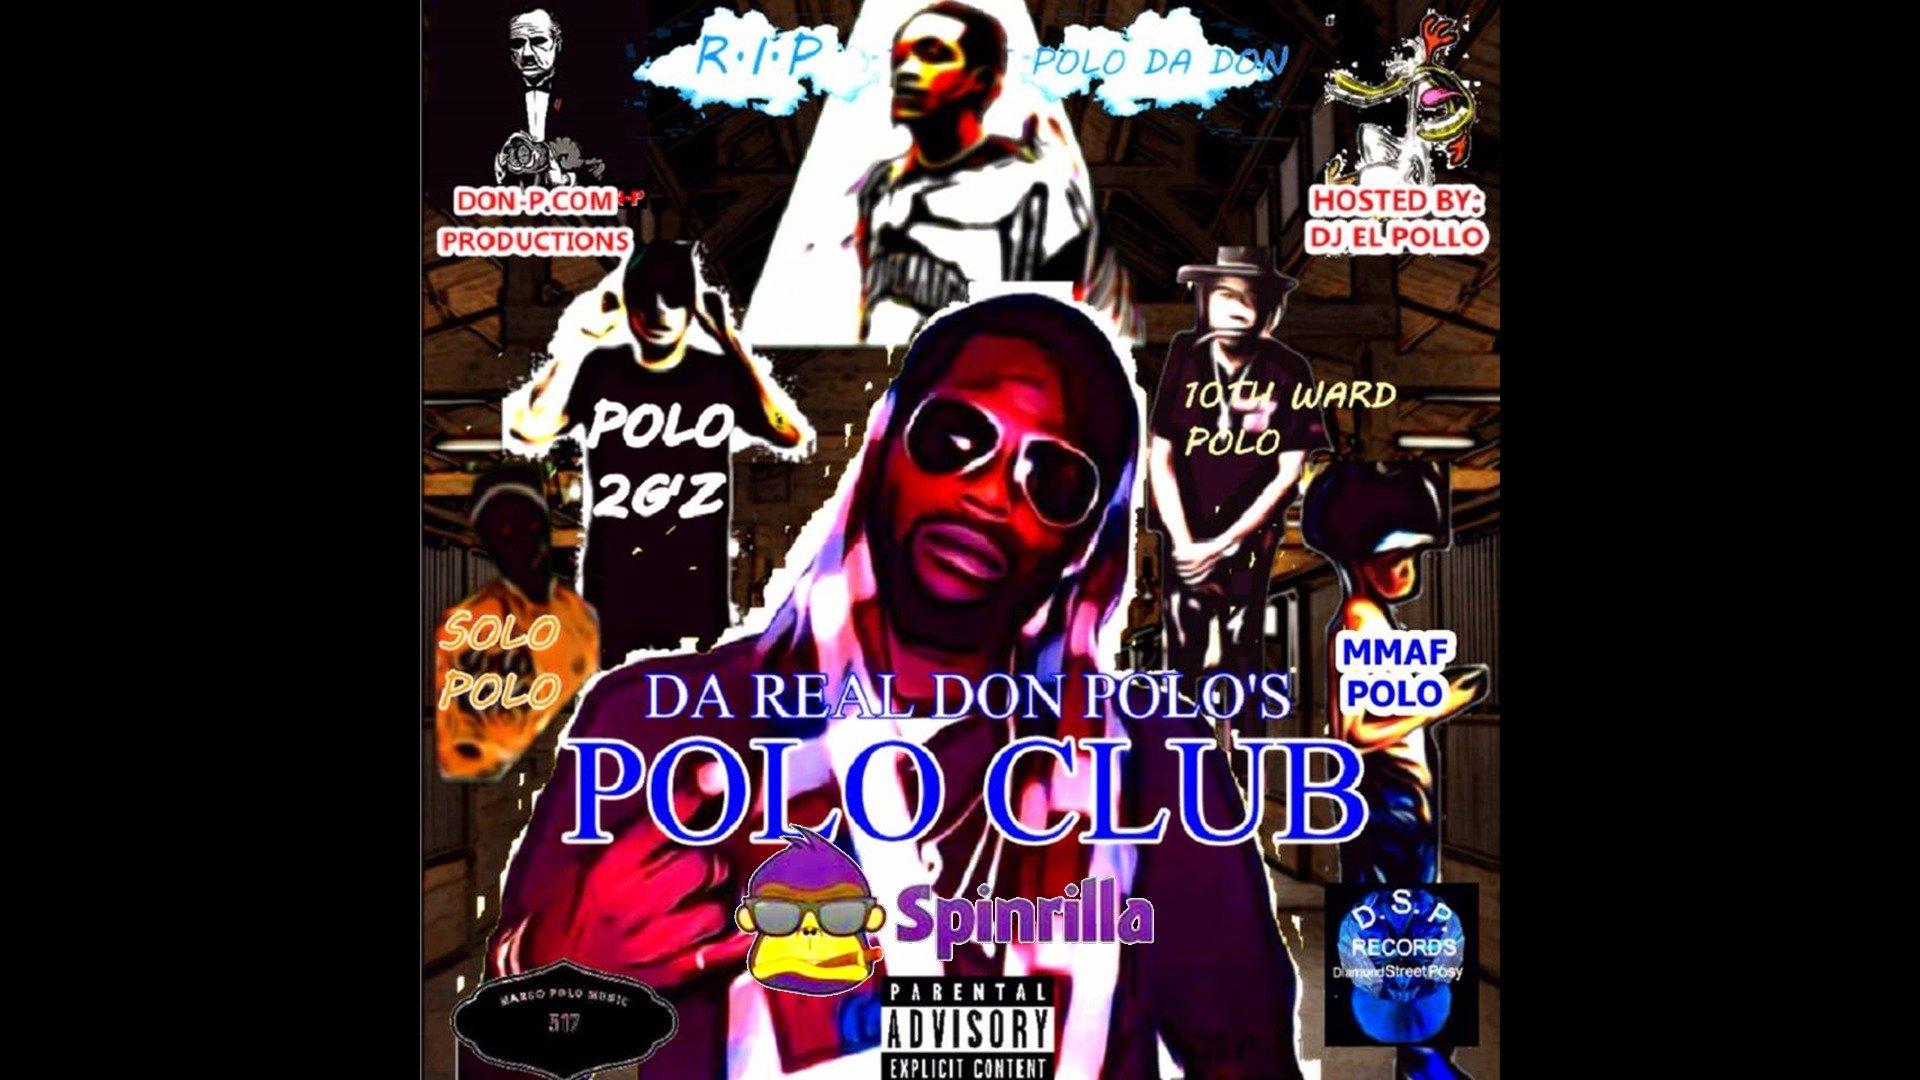 Da Real Don Polo